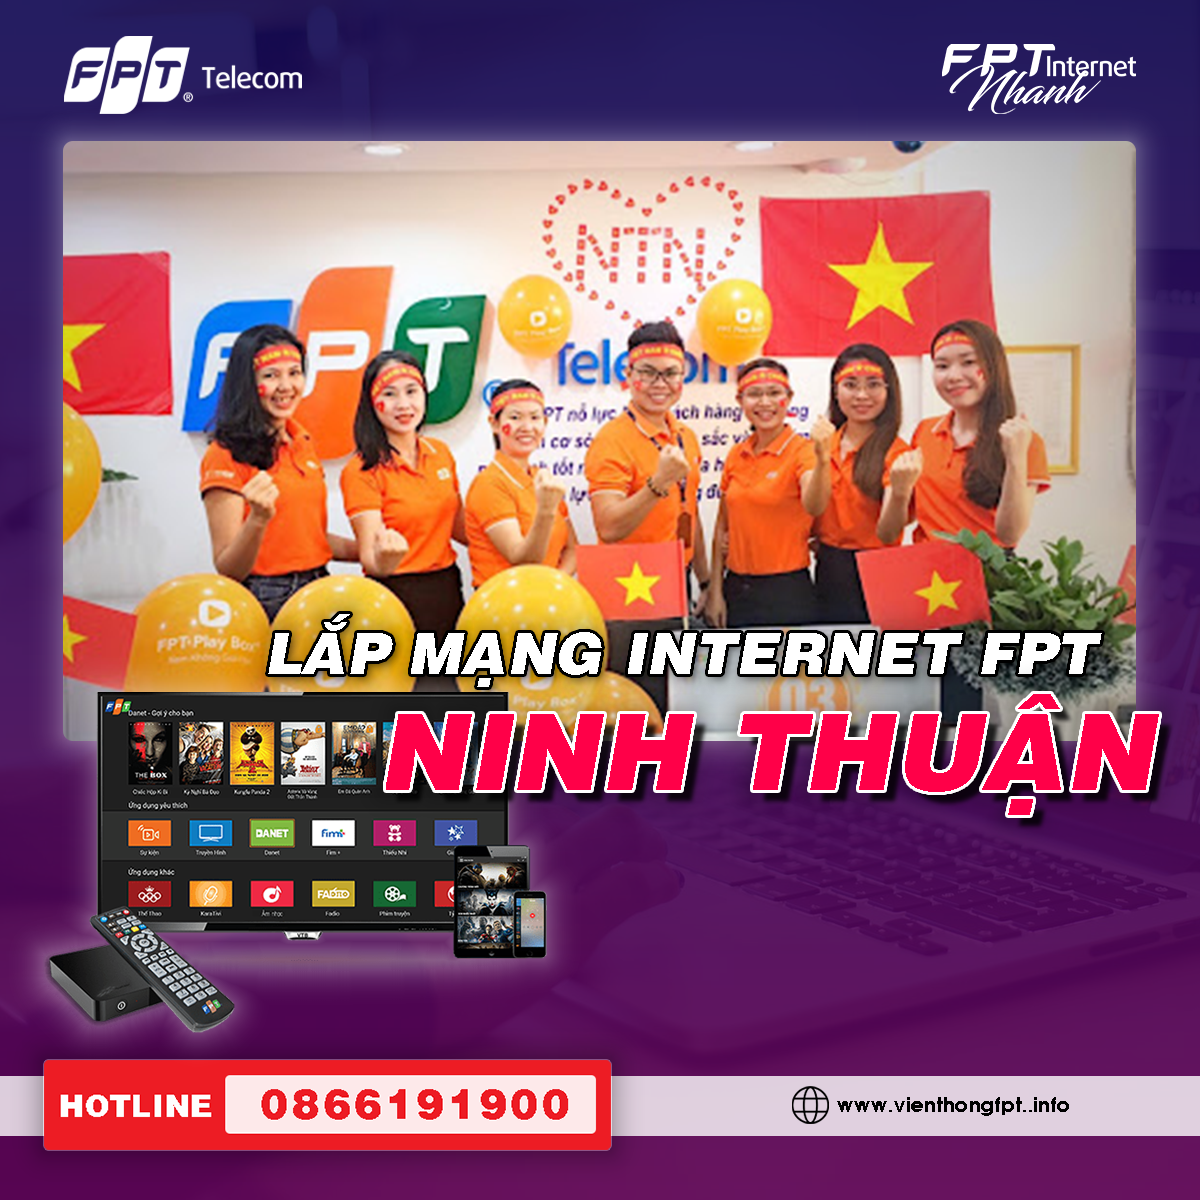 Đăng ký Internet FPT tại Ninh Thuận - Miễn phí lắp đặt - Trang bị Modem Wifi